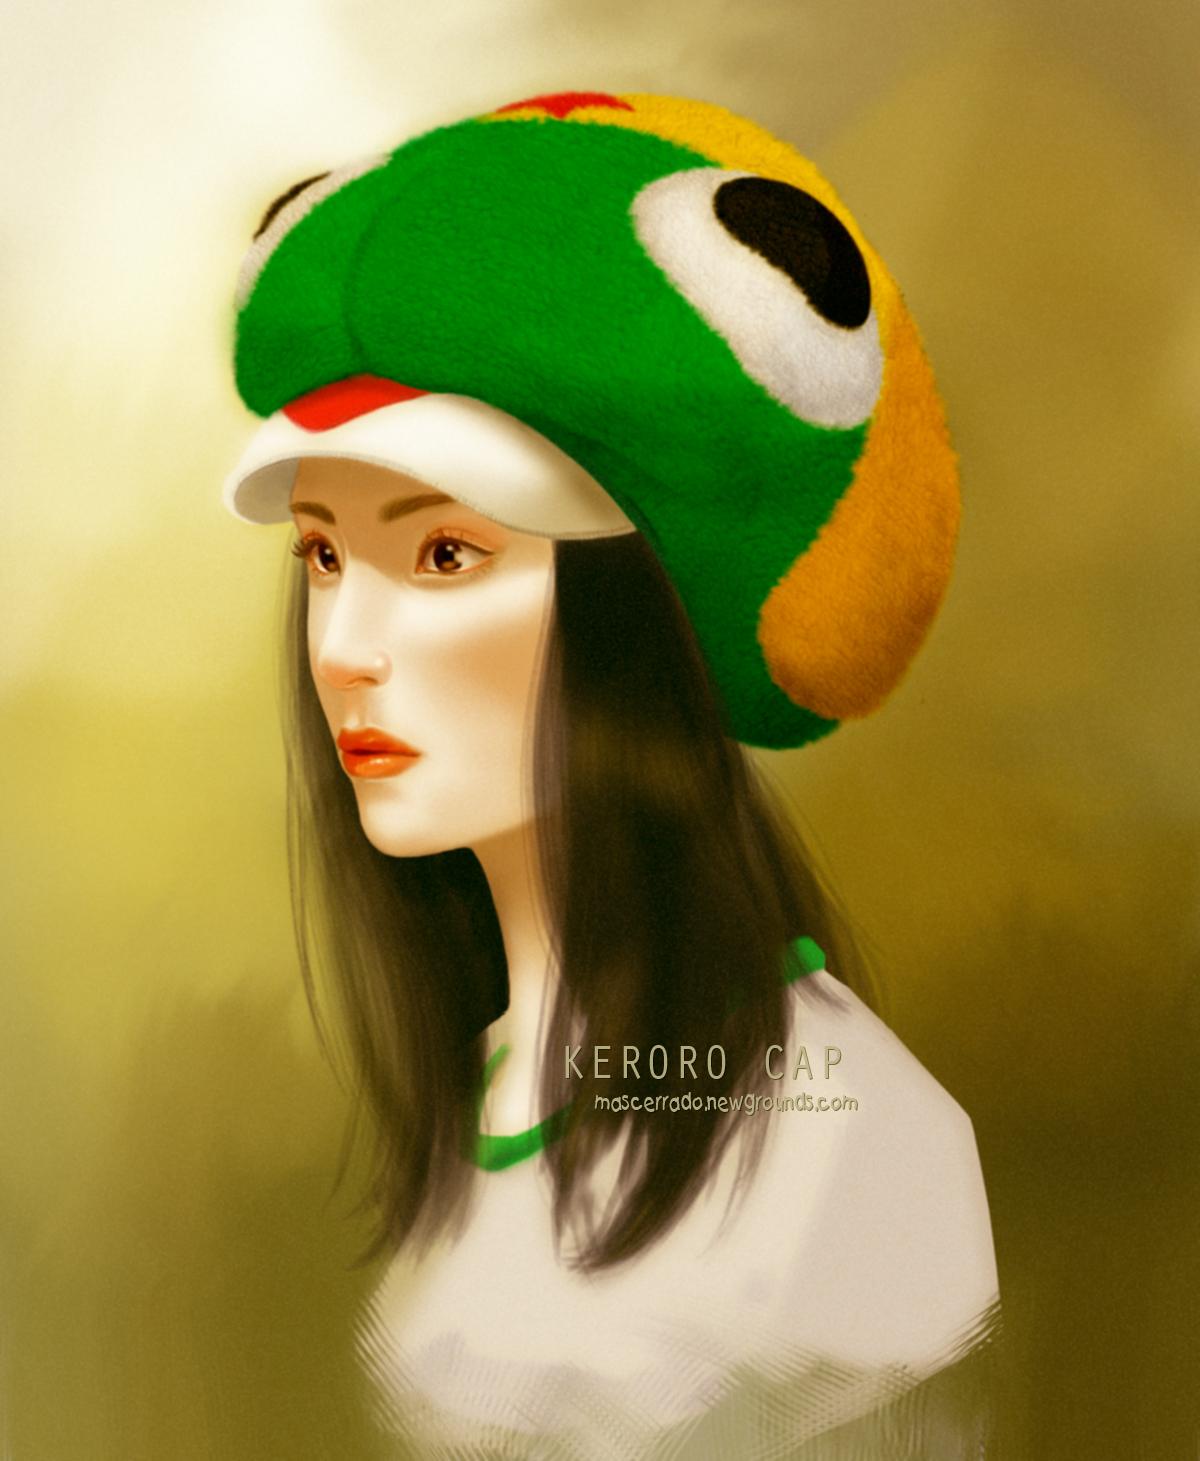 KERORO CAP